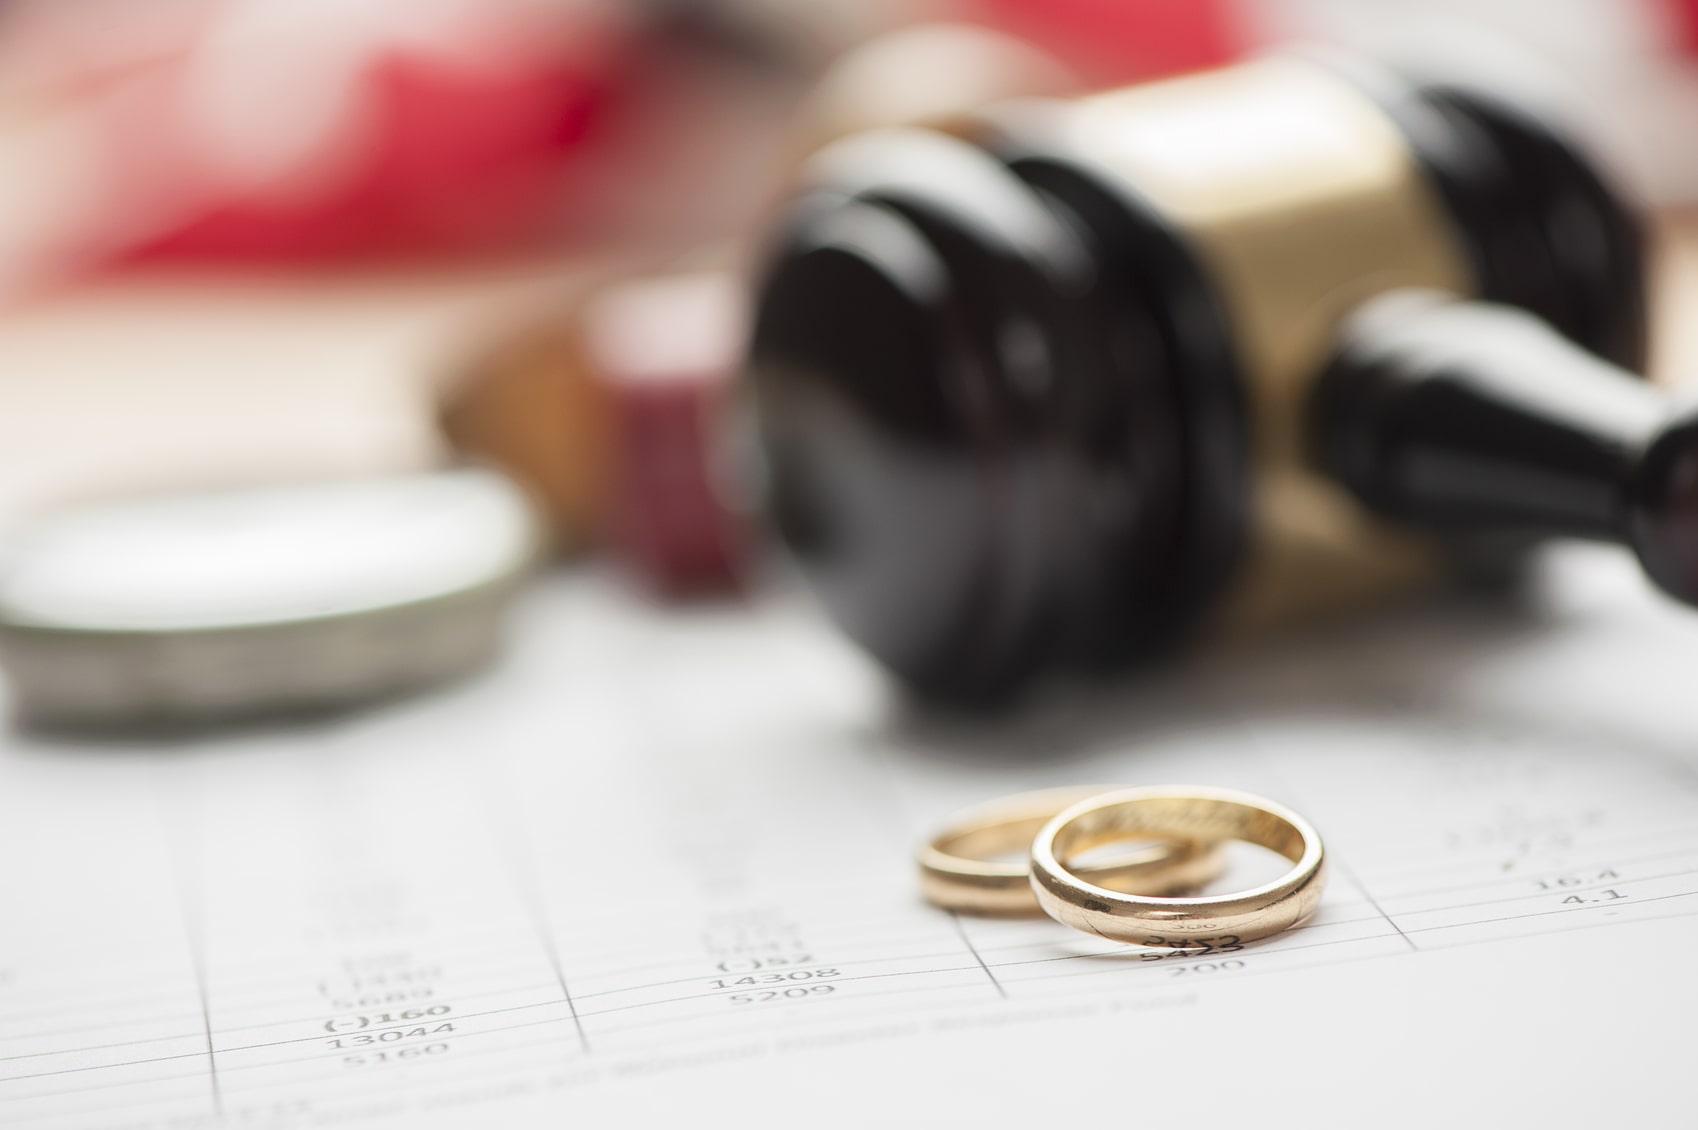 Свидетельство о расторжении брака - все тонкости получения